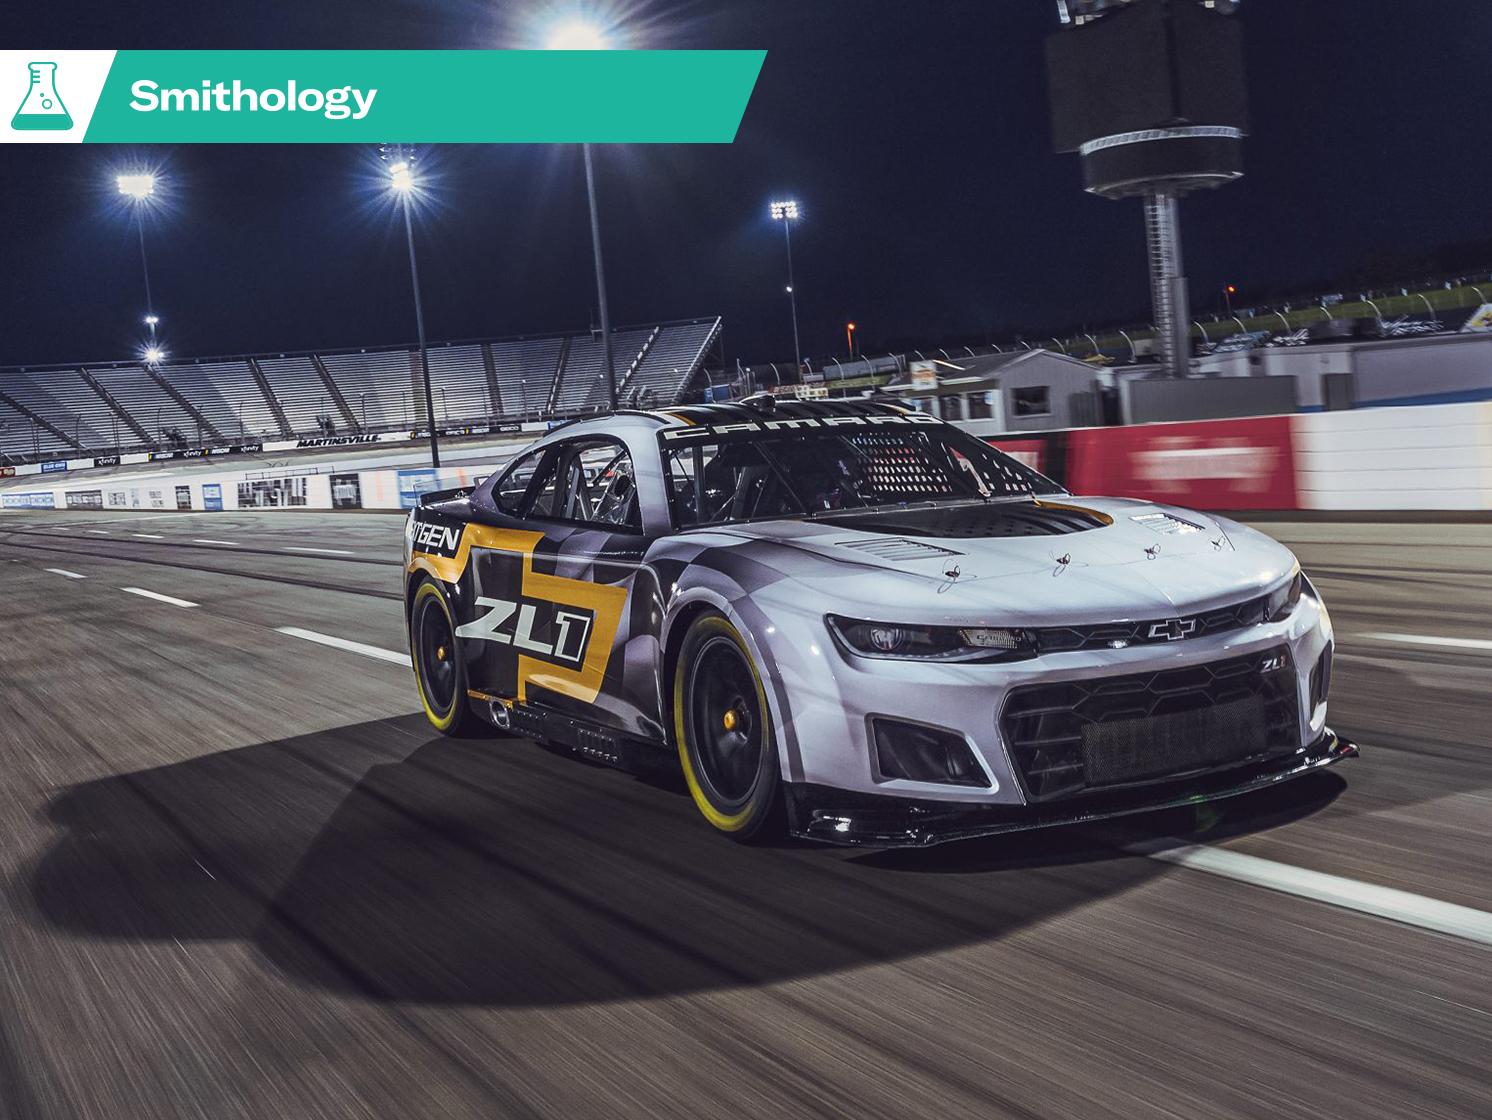 Smithology_NASCAR_New_Lede